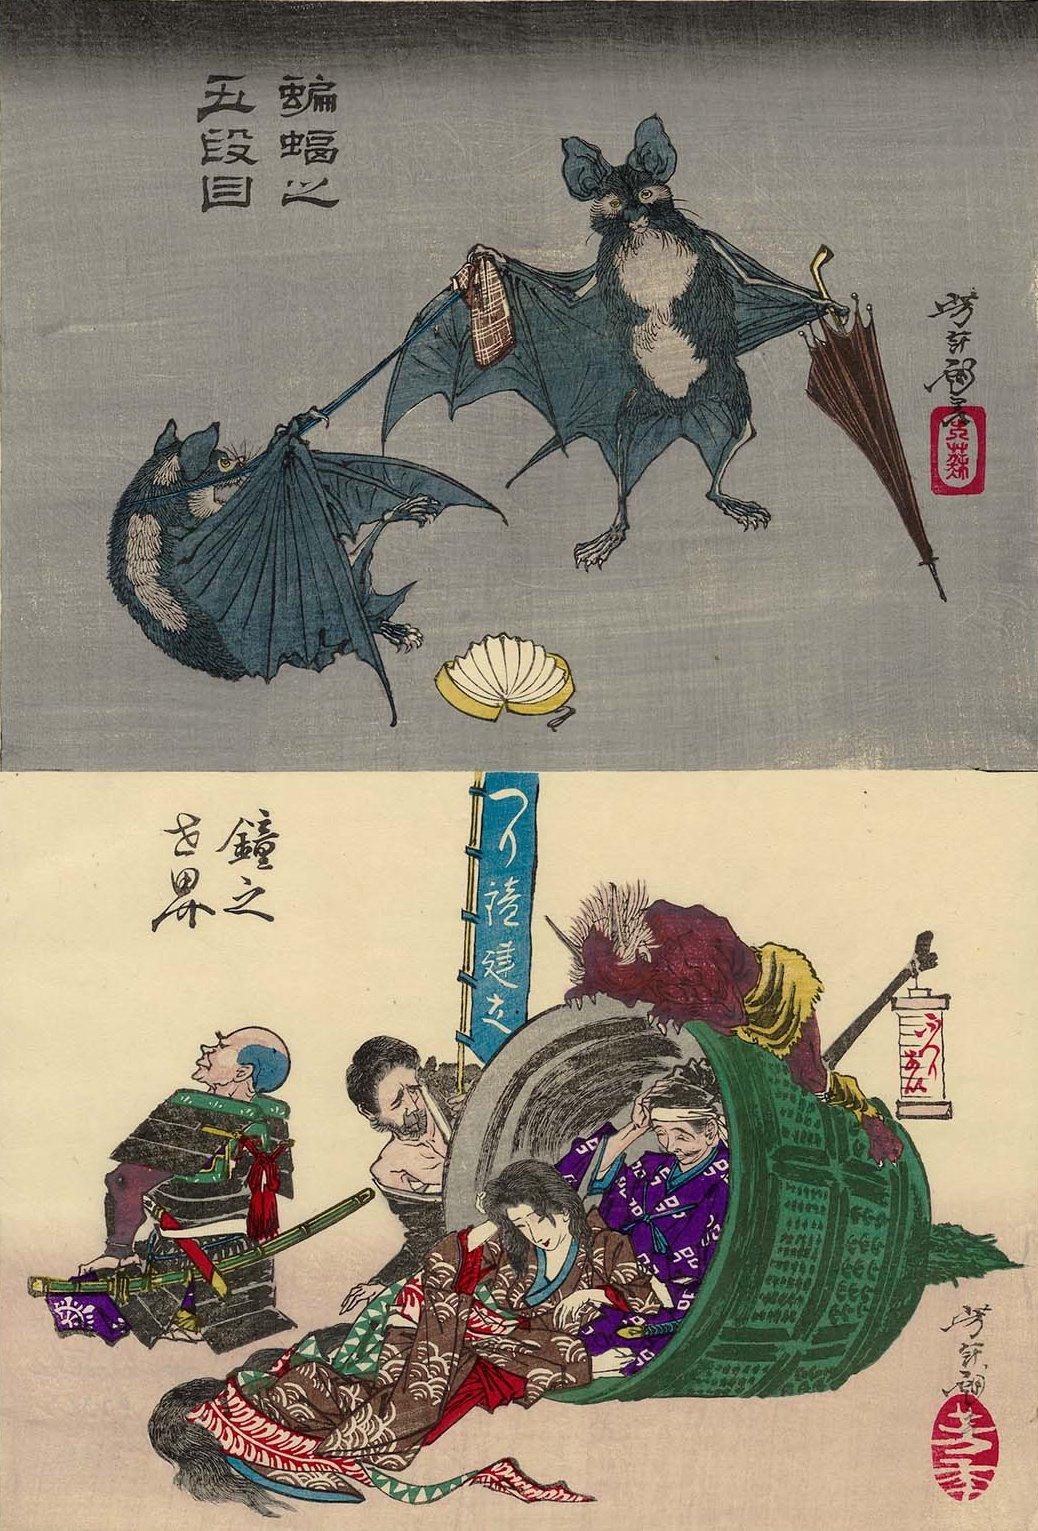 Tsukioka Yoshitoshi. Diptych: Bats. The world within us